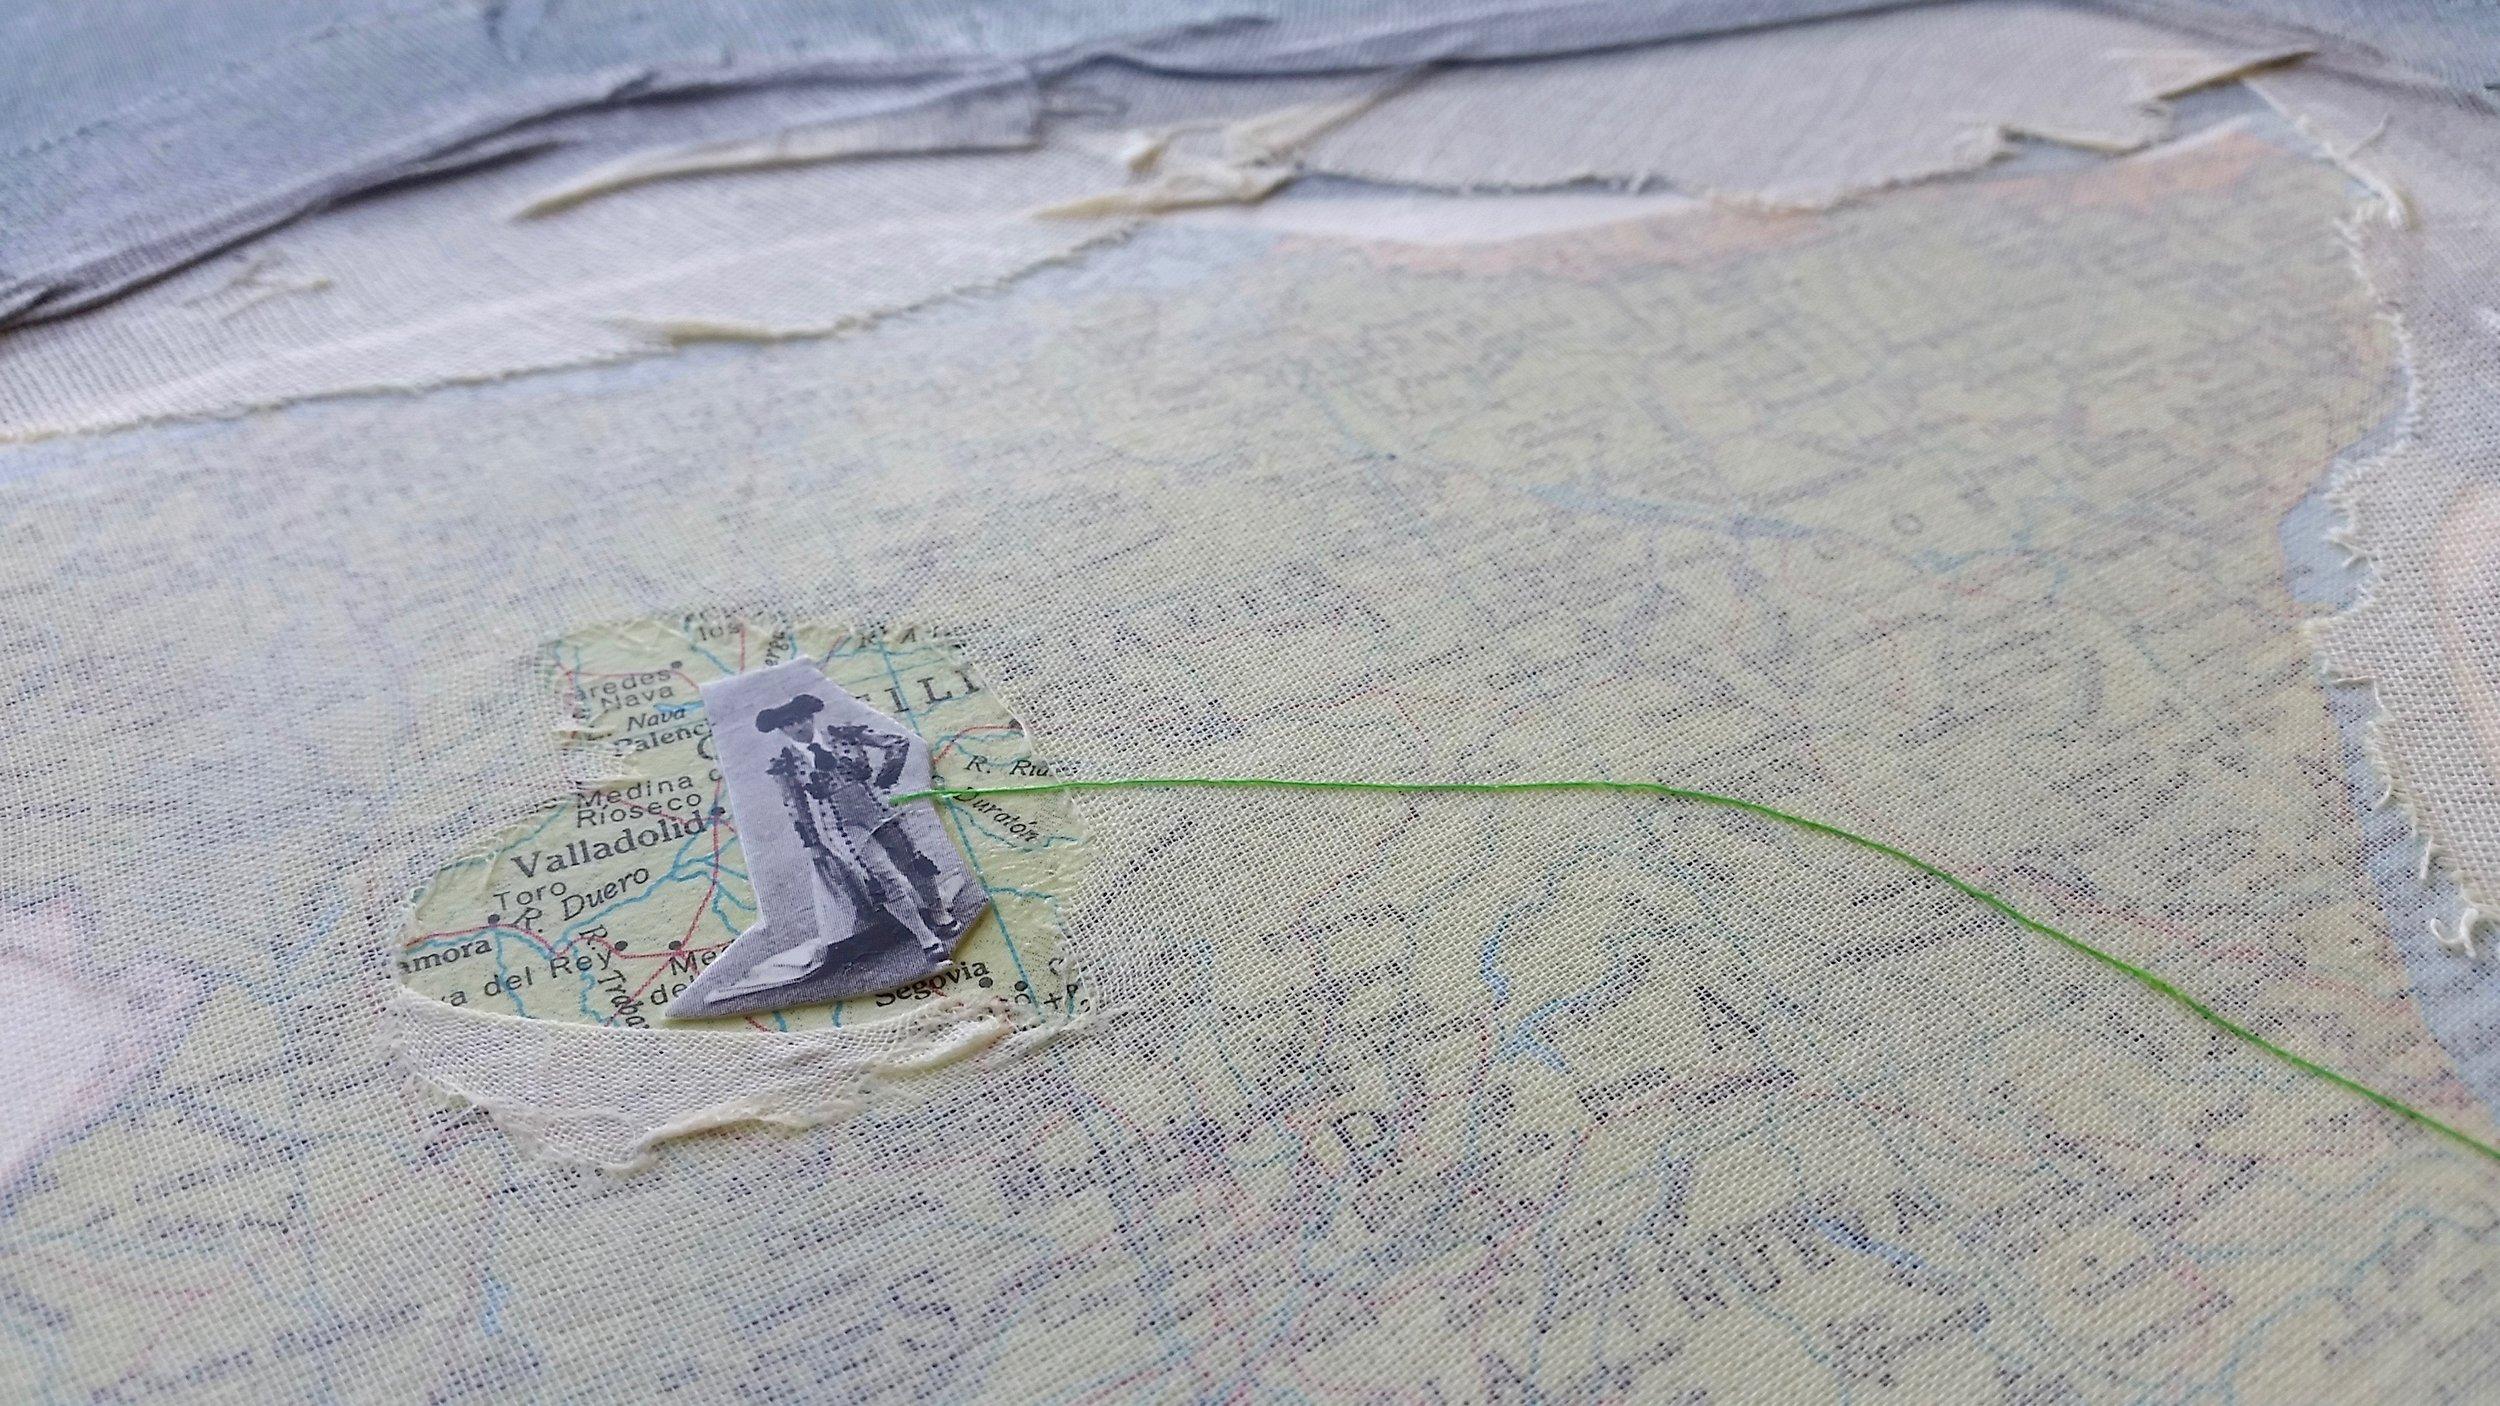 karin_schaefer_collage_art_seamaps_seams_promising_detail.jpg